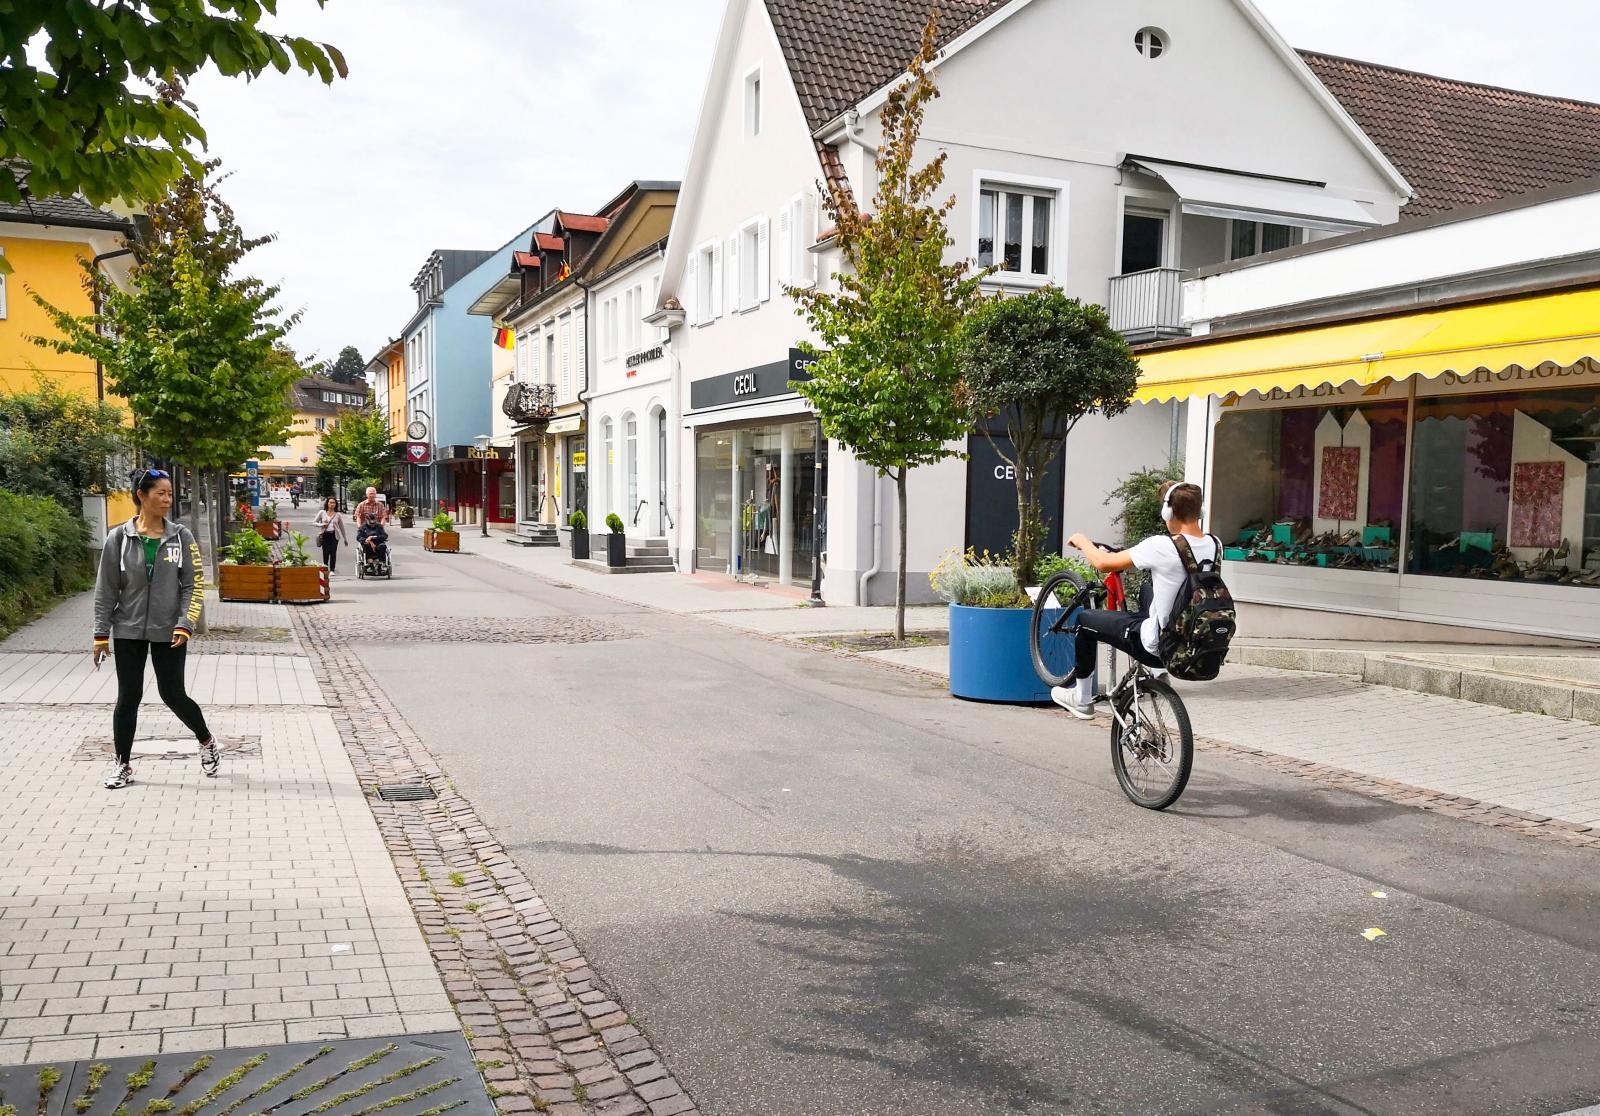 Lokal cykelvirtuos visar sina bakhjulskonster på väg till skolan i BadKrozingen.